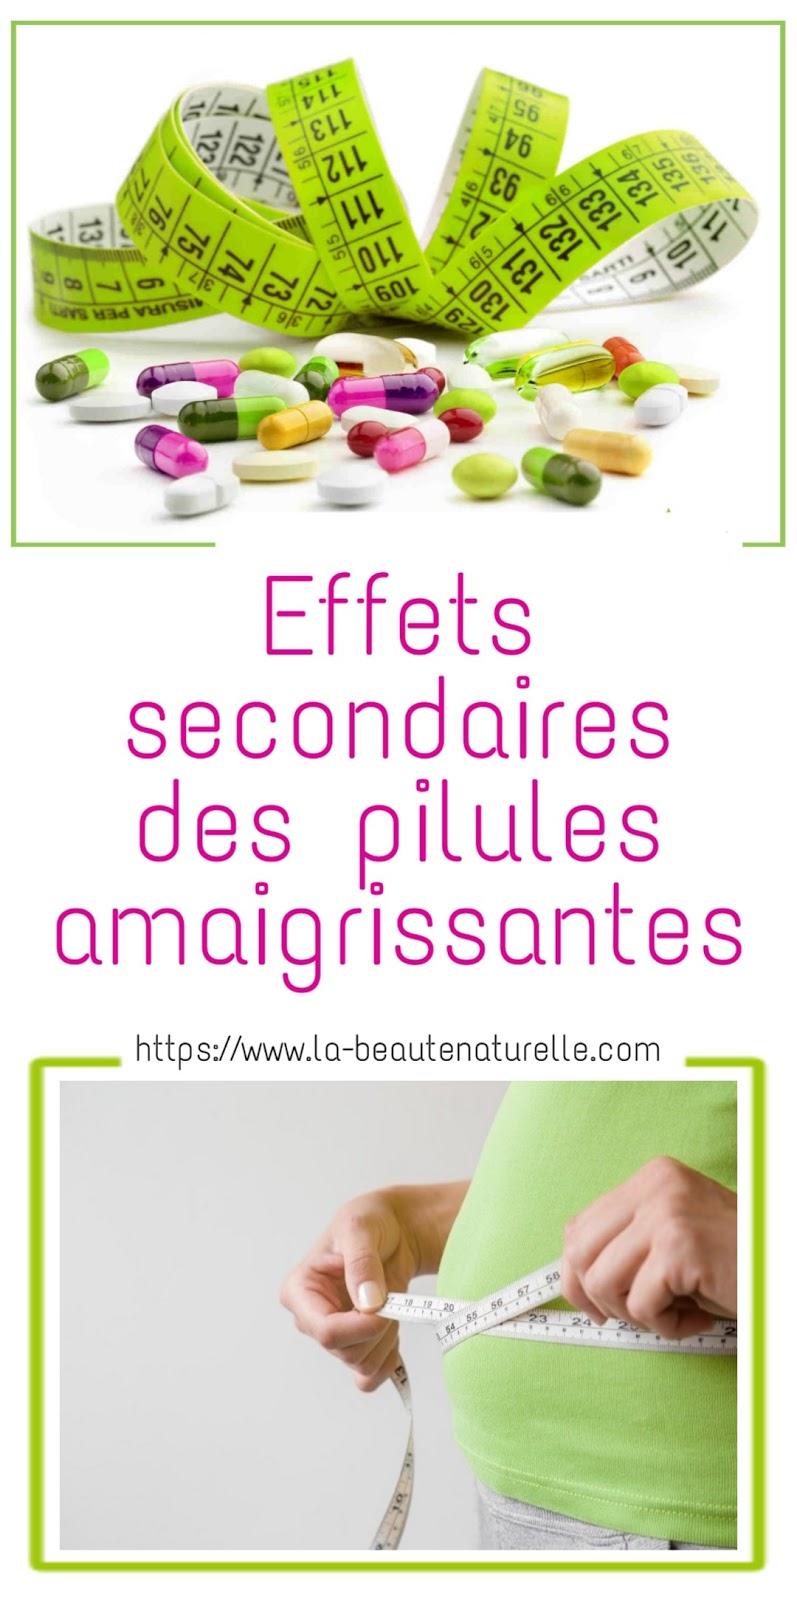 Effets secondaires des pilules amaigrissantes